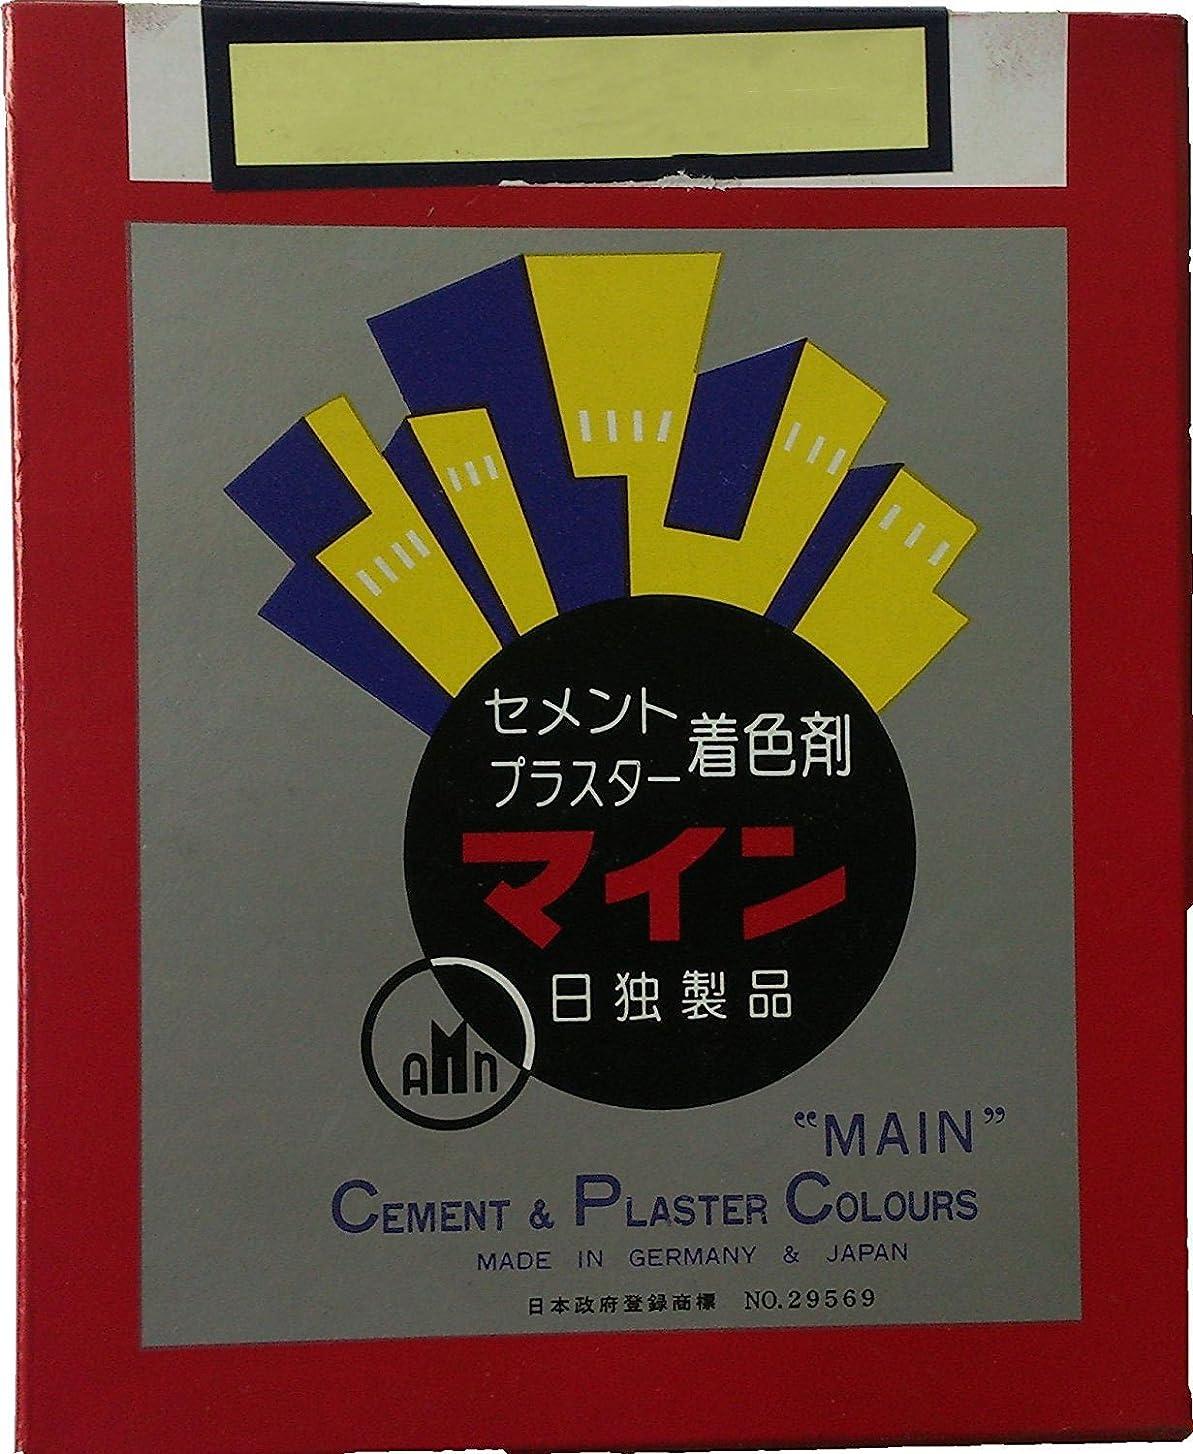 小川スケジュール修理工マイン特黒B 400g セメント?プラスター着色剤